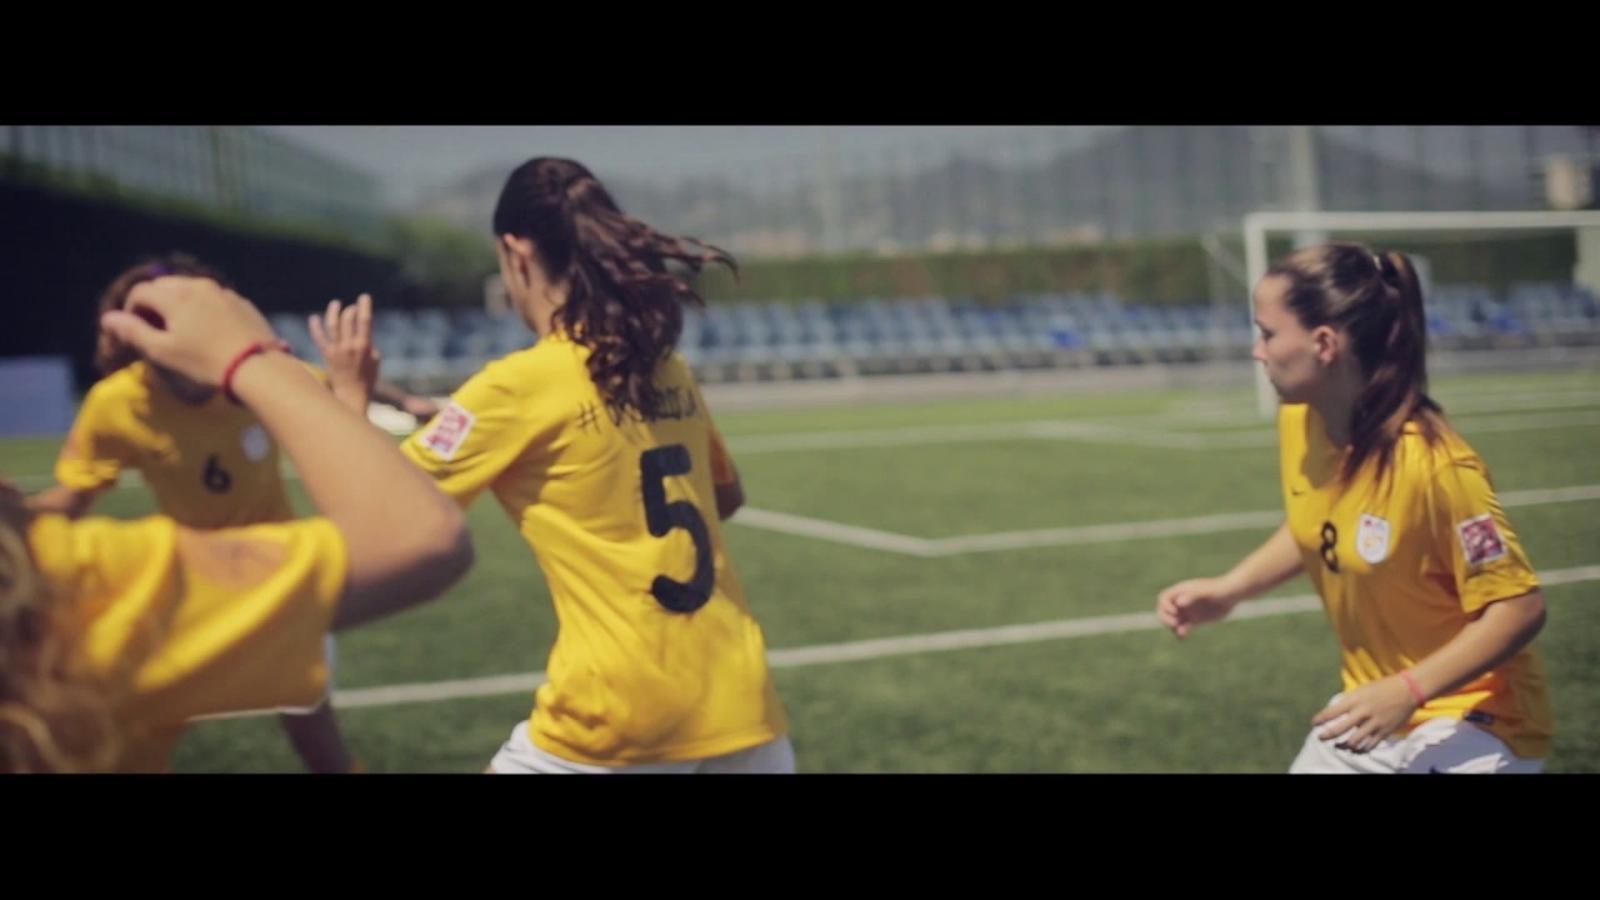 #Orgulloses, l'anunci de la Federació Catalana de Futbol